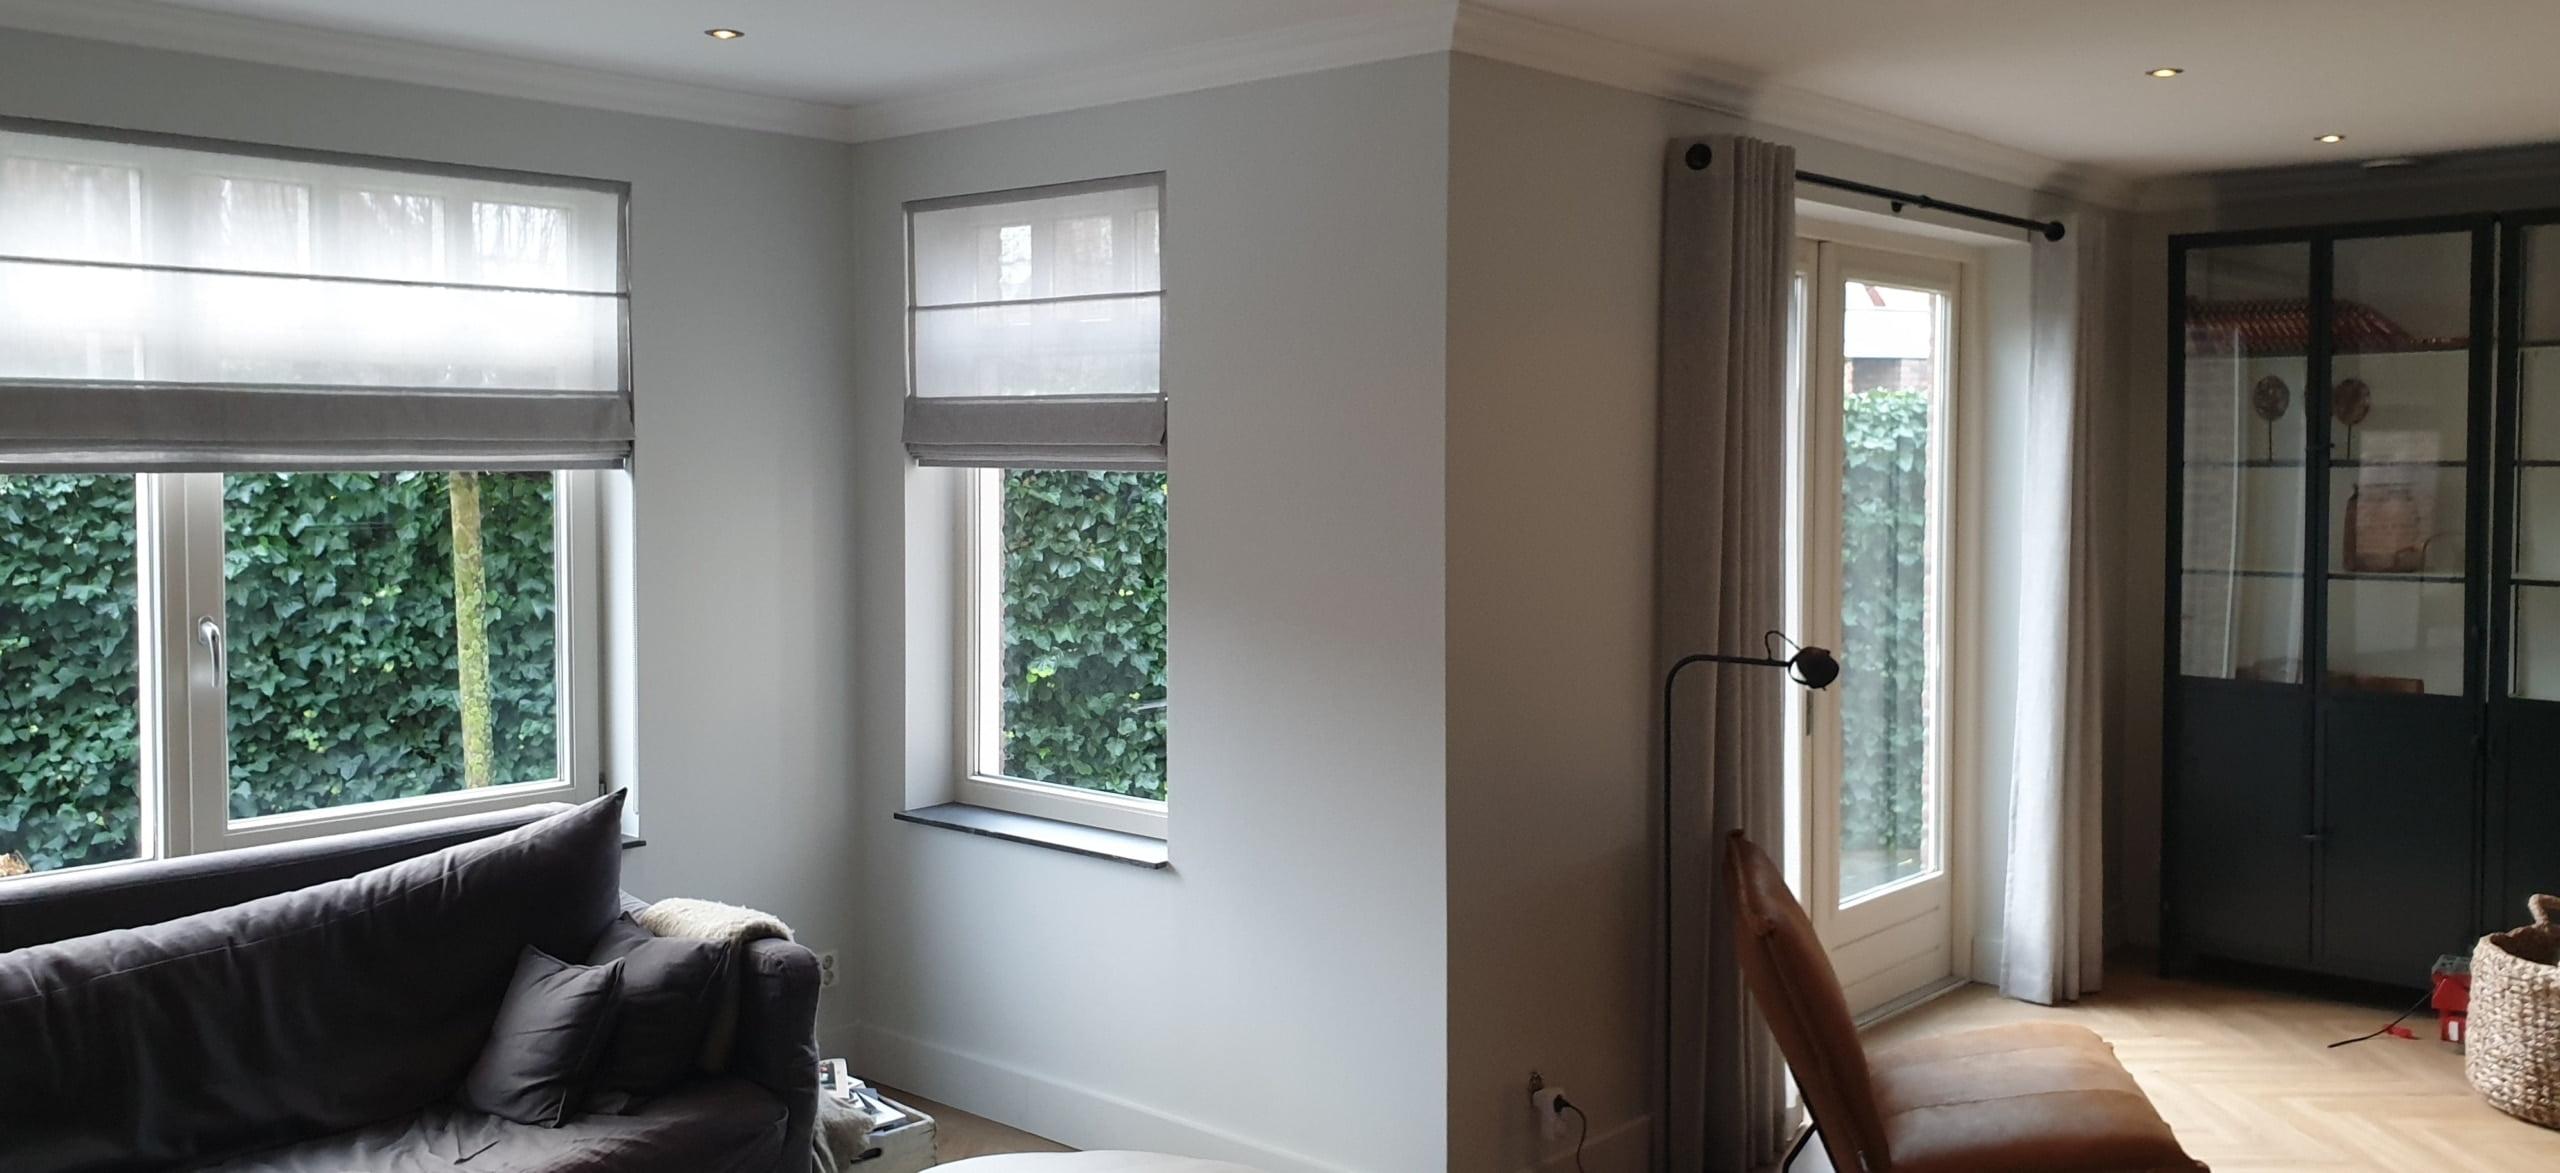 Soorten raamdecoratie